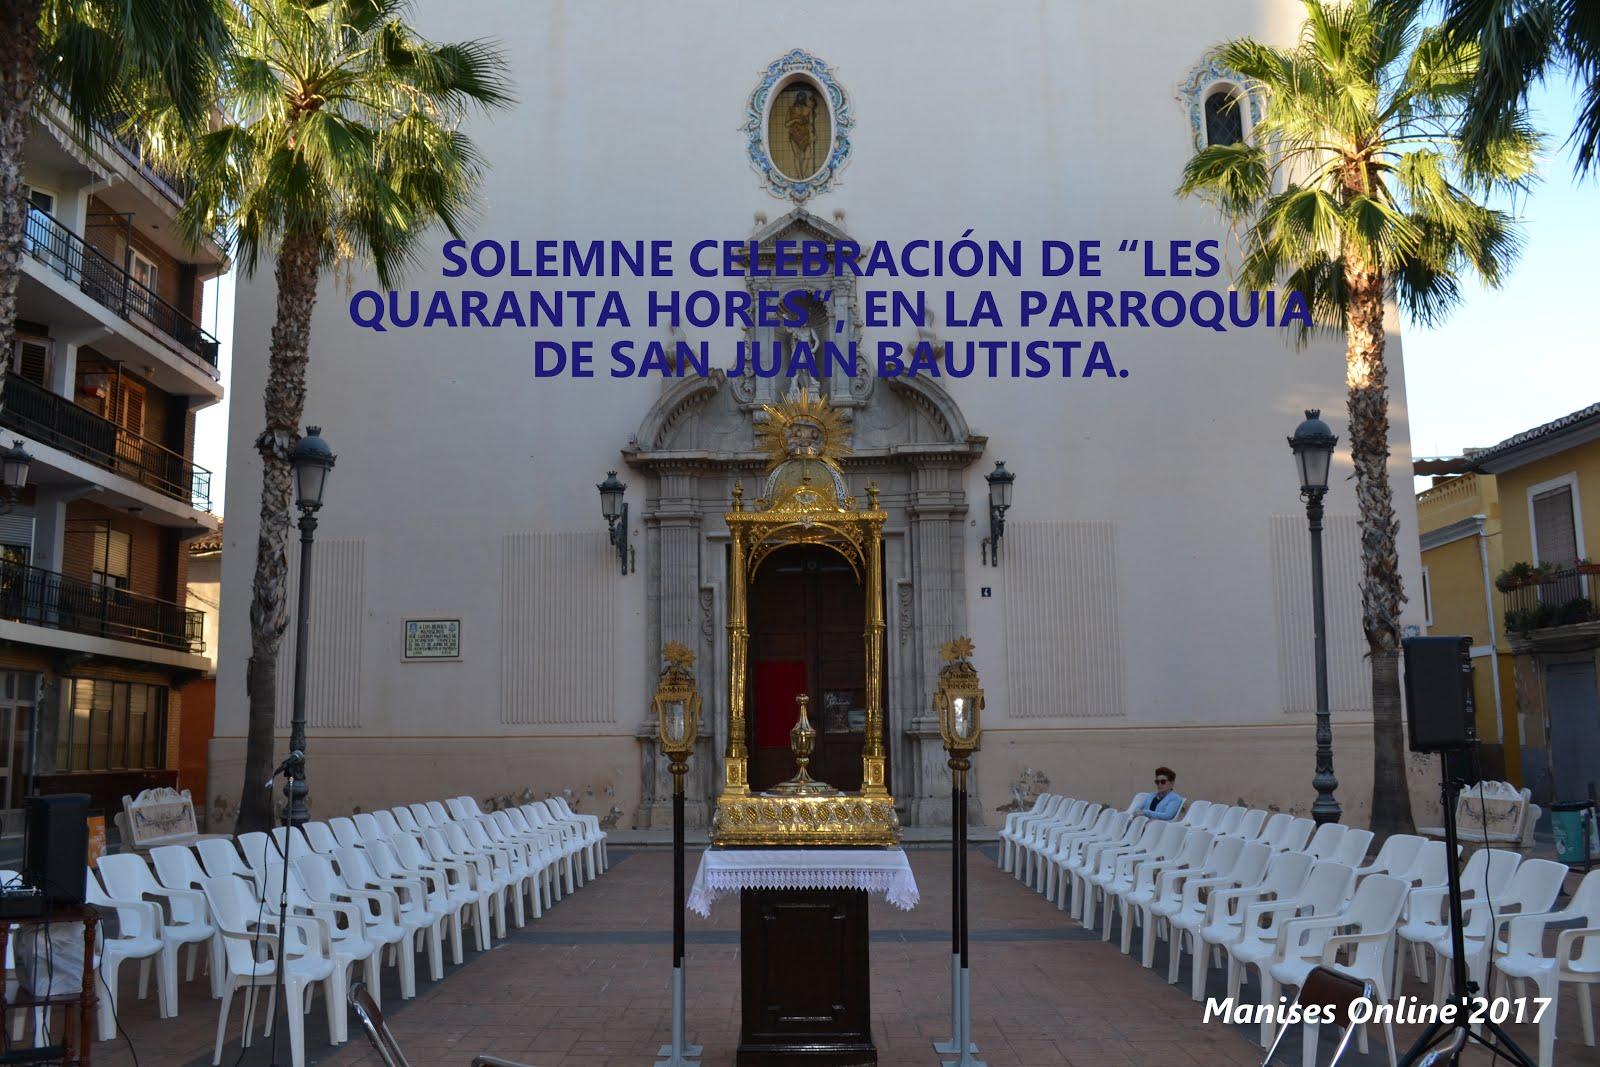 """07.06.17 SOLEMNE CLAUSURA DE """"LES QUARANTA HORES"""" EN LA PARROQUIA DE SAN JUAN BAUTISTA DE MANISES"""